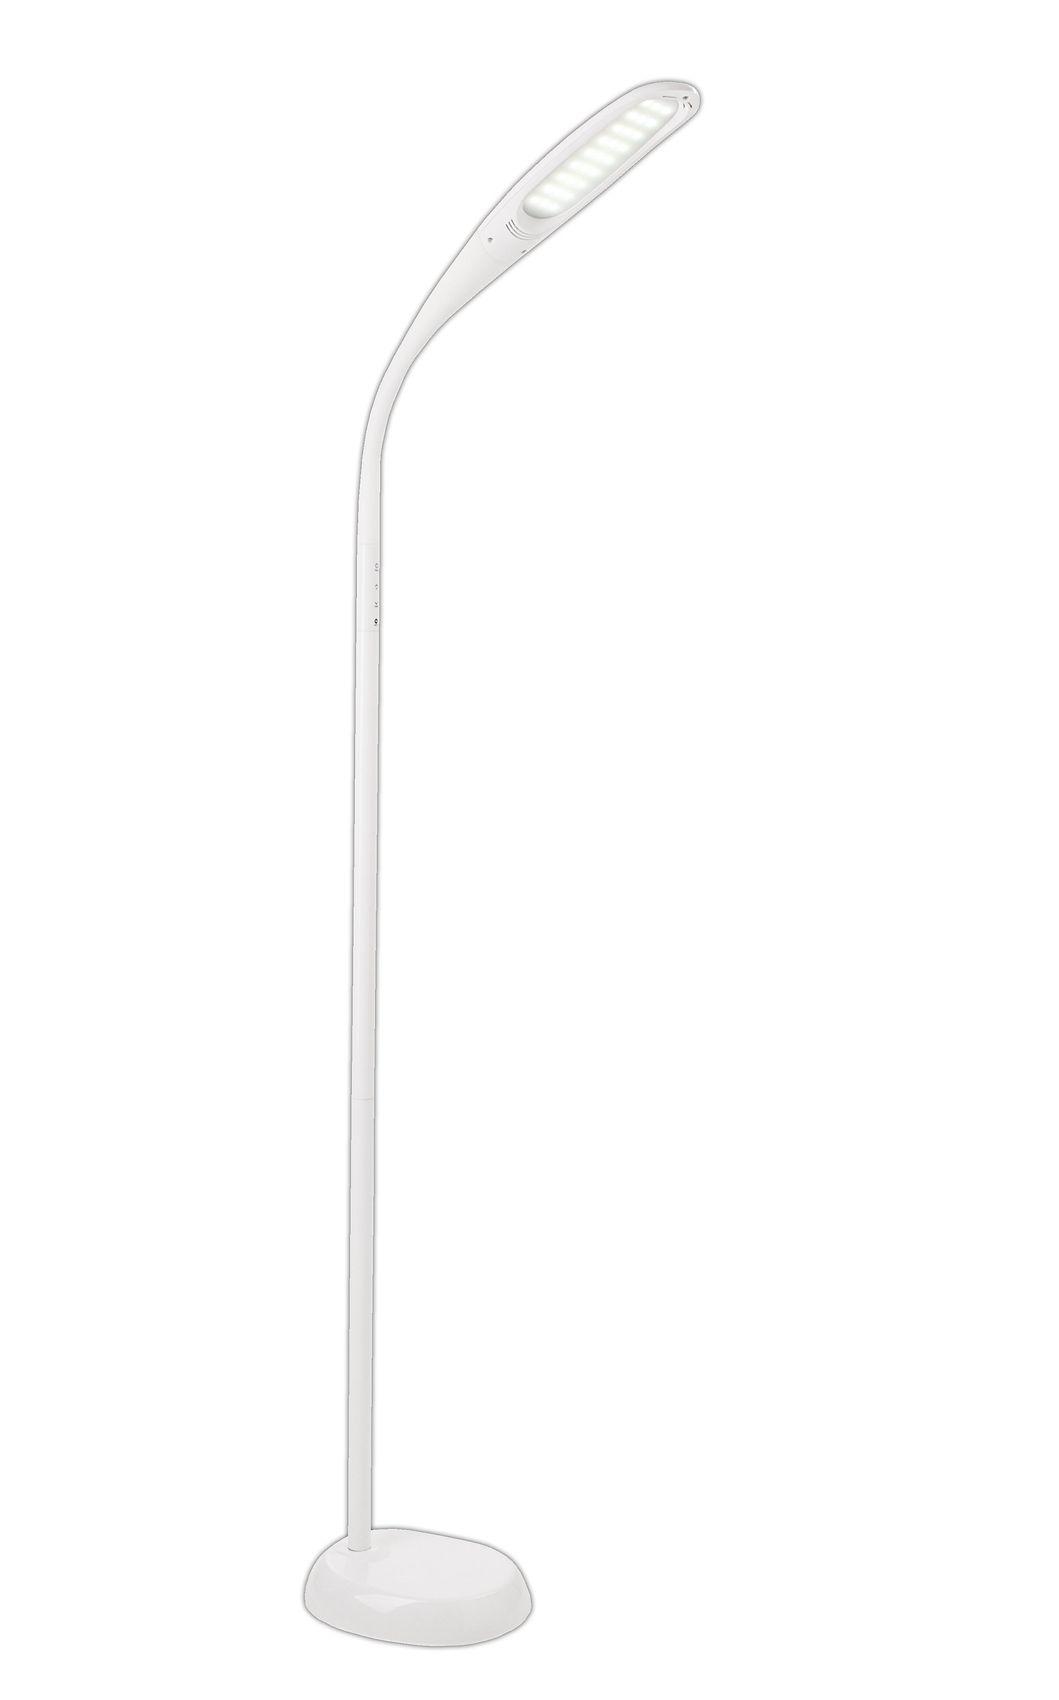 Full Size of Stehlampe Led Dimmbar Deckenfluter Ikea Design Farbwechsel Mit Leseleuchte 3000 Lumen Edelstahl Tageslicht Standleuchte Wei Flexibel 3 Lichtarten 4fach Wohnzimmer Stehlampe Led Dimmbar